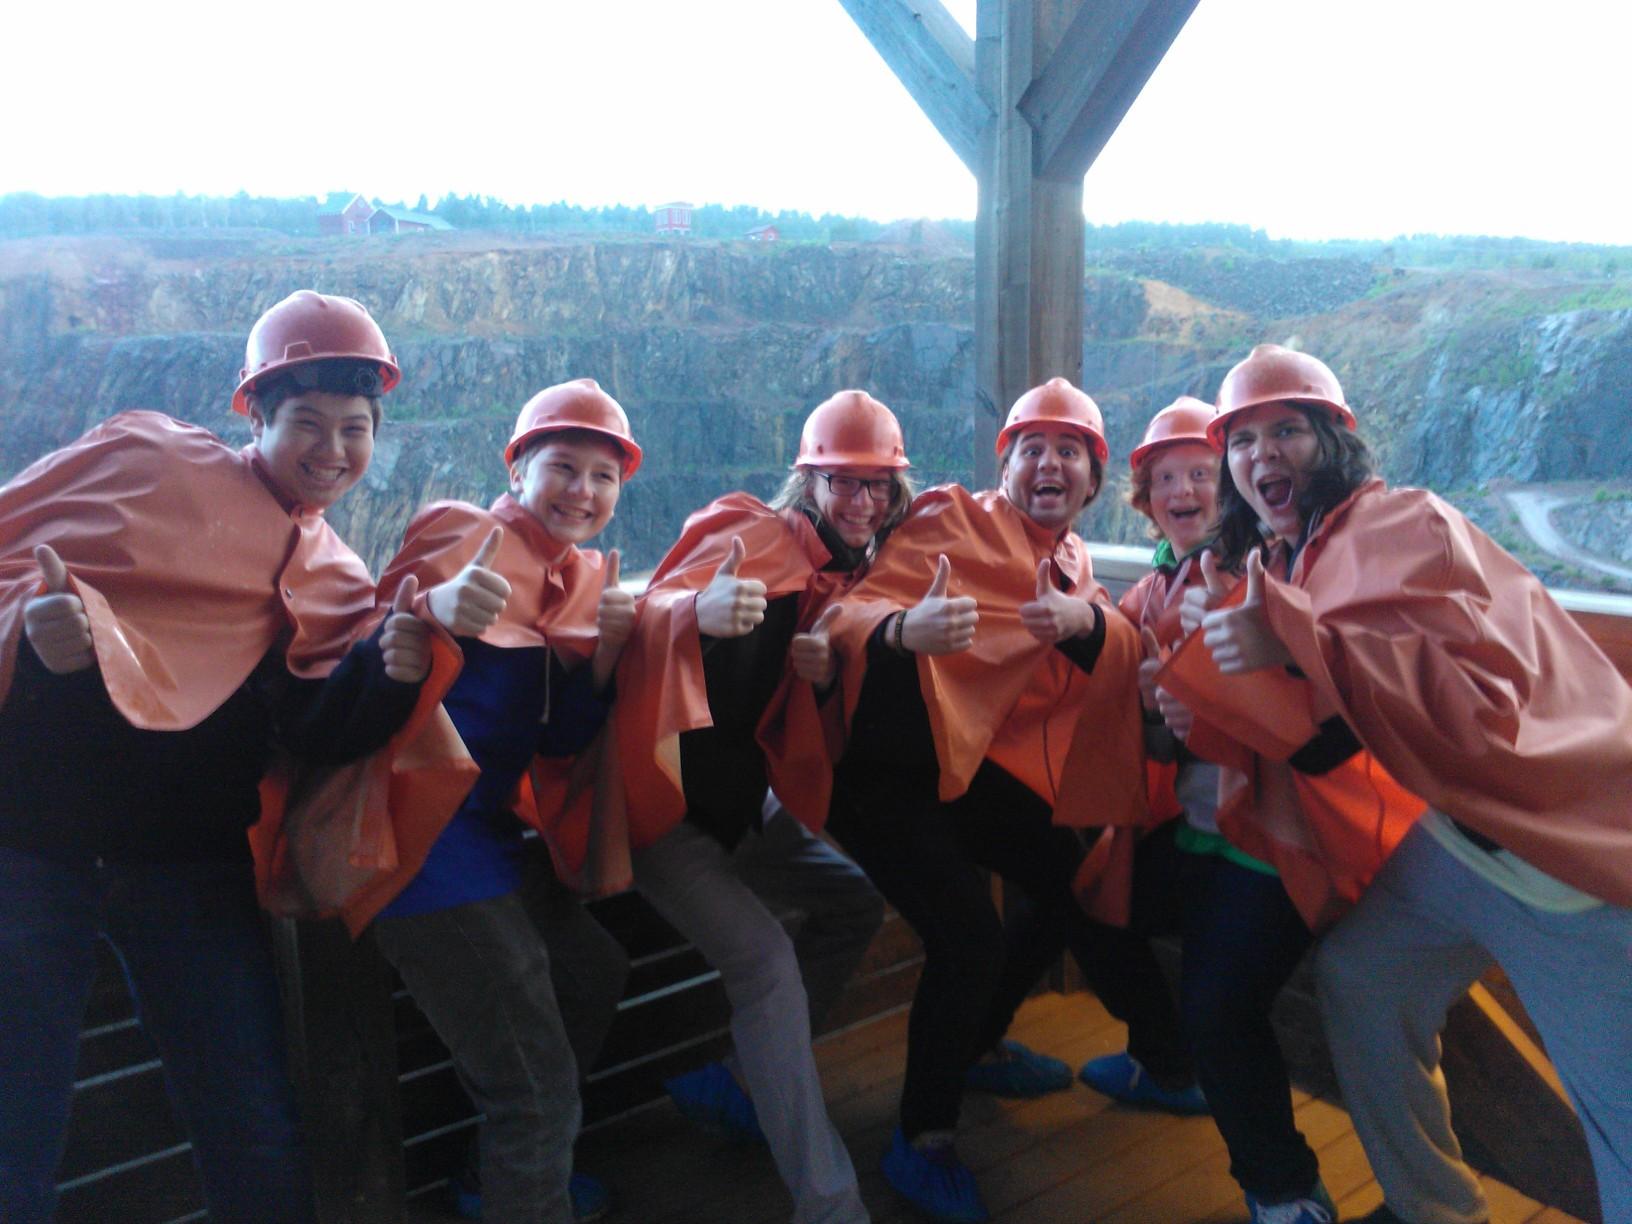 Glada gruvbesökare återbördade till ytan: fr v Wilhelm Xi Liadal, Olof Sanchez, Hampus Lane, Johannes Aira, Ossian Jansson och Leonardo Aira (foto: Teresa Aira).